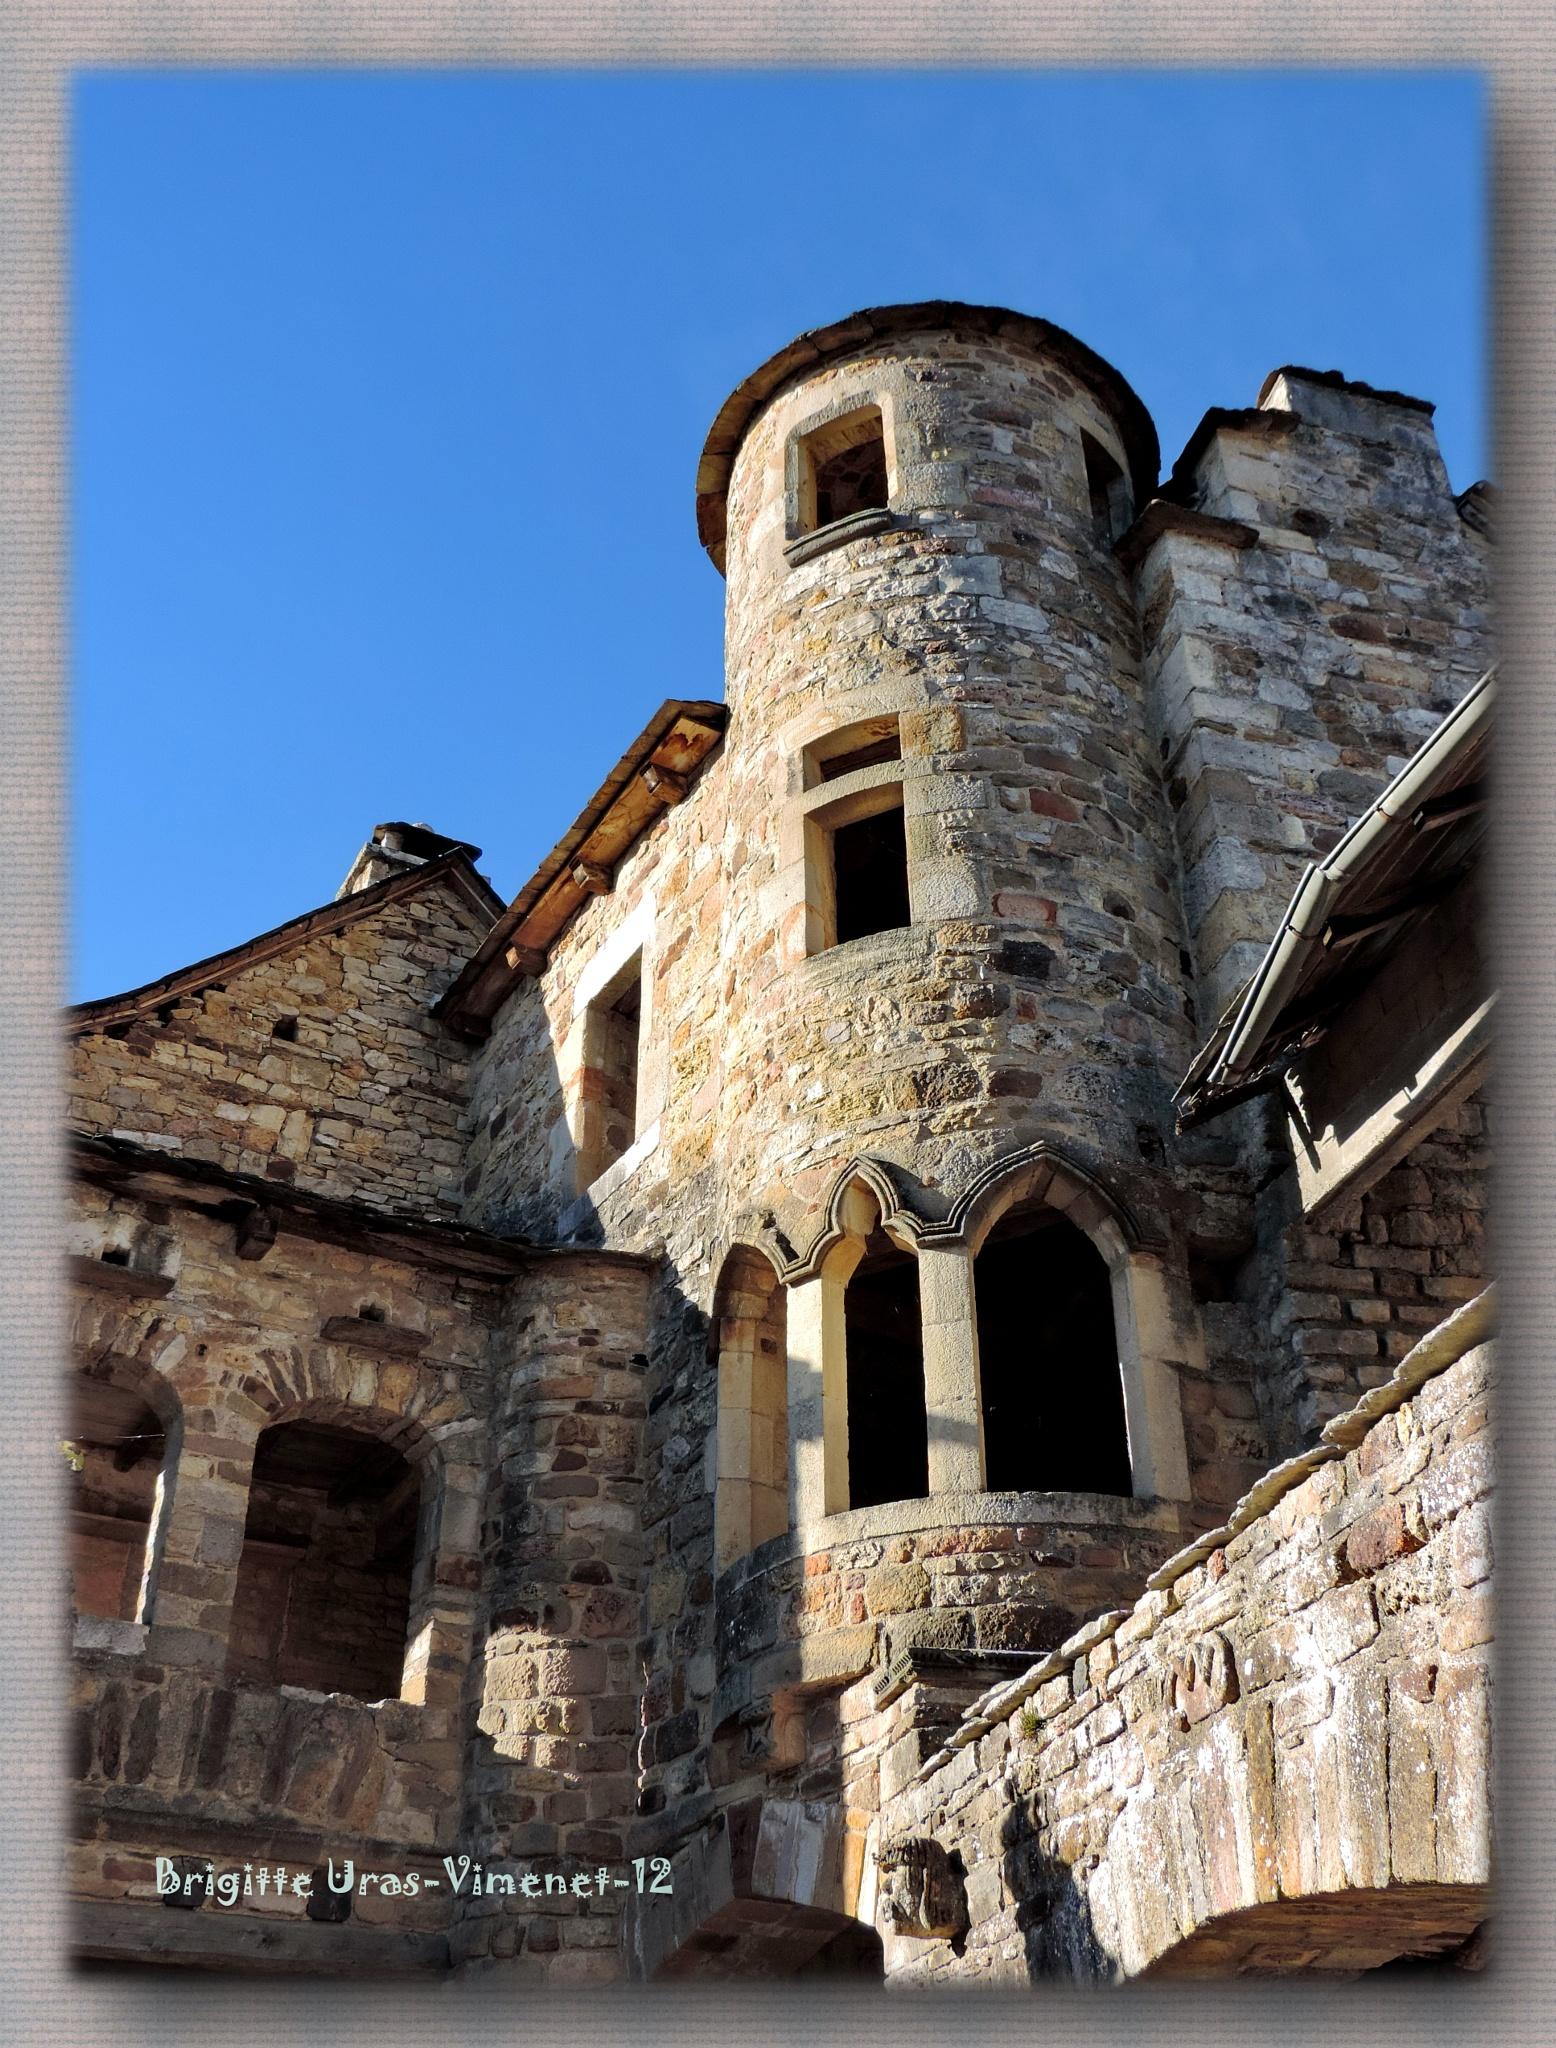 jolie demeure du 12 è siècle s en cours de restauration by Brigitte Uras